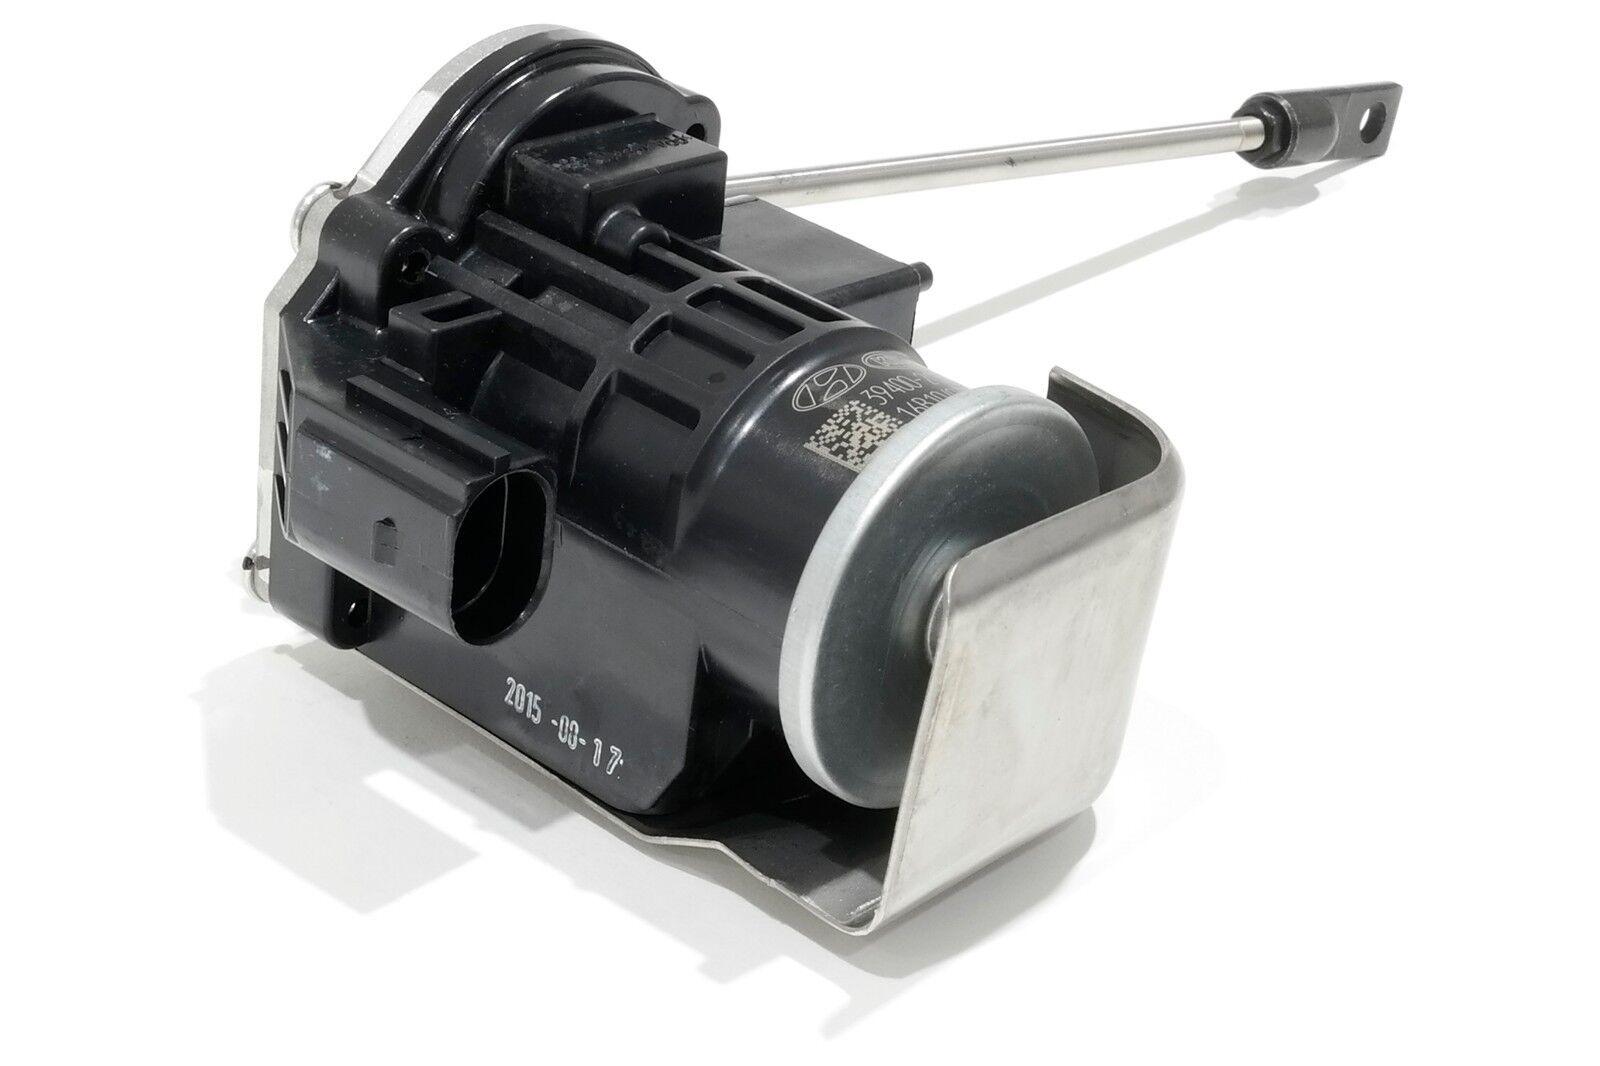 Supercharger Bypass Filter ACDelco GM Original Equipment 219-13